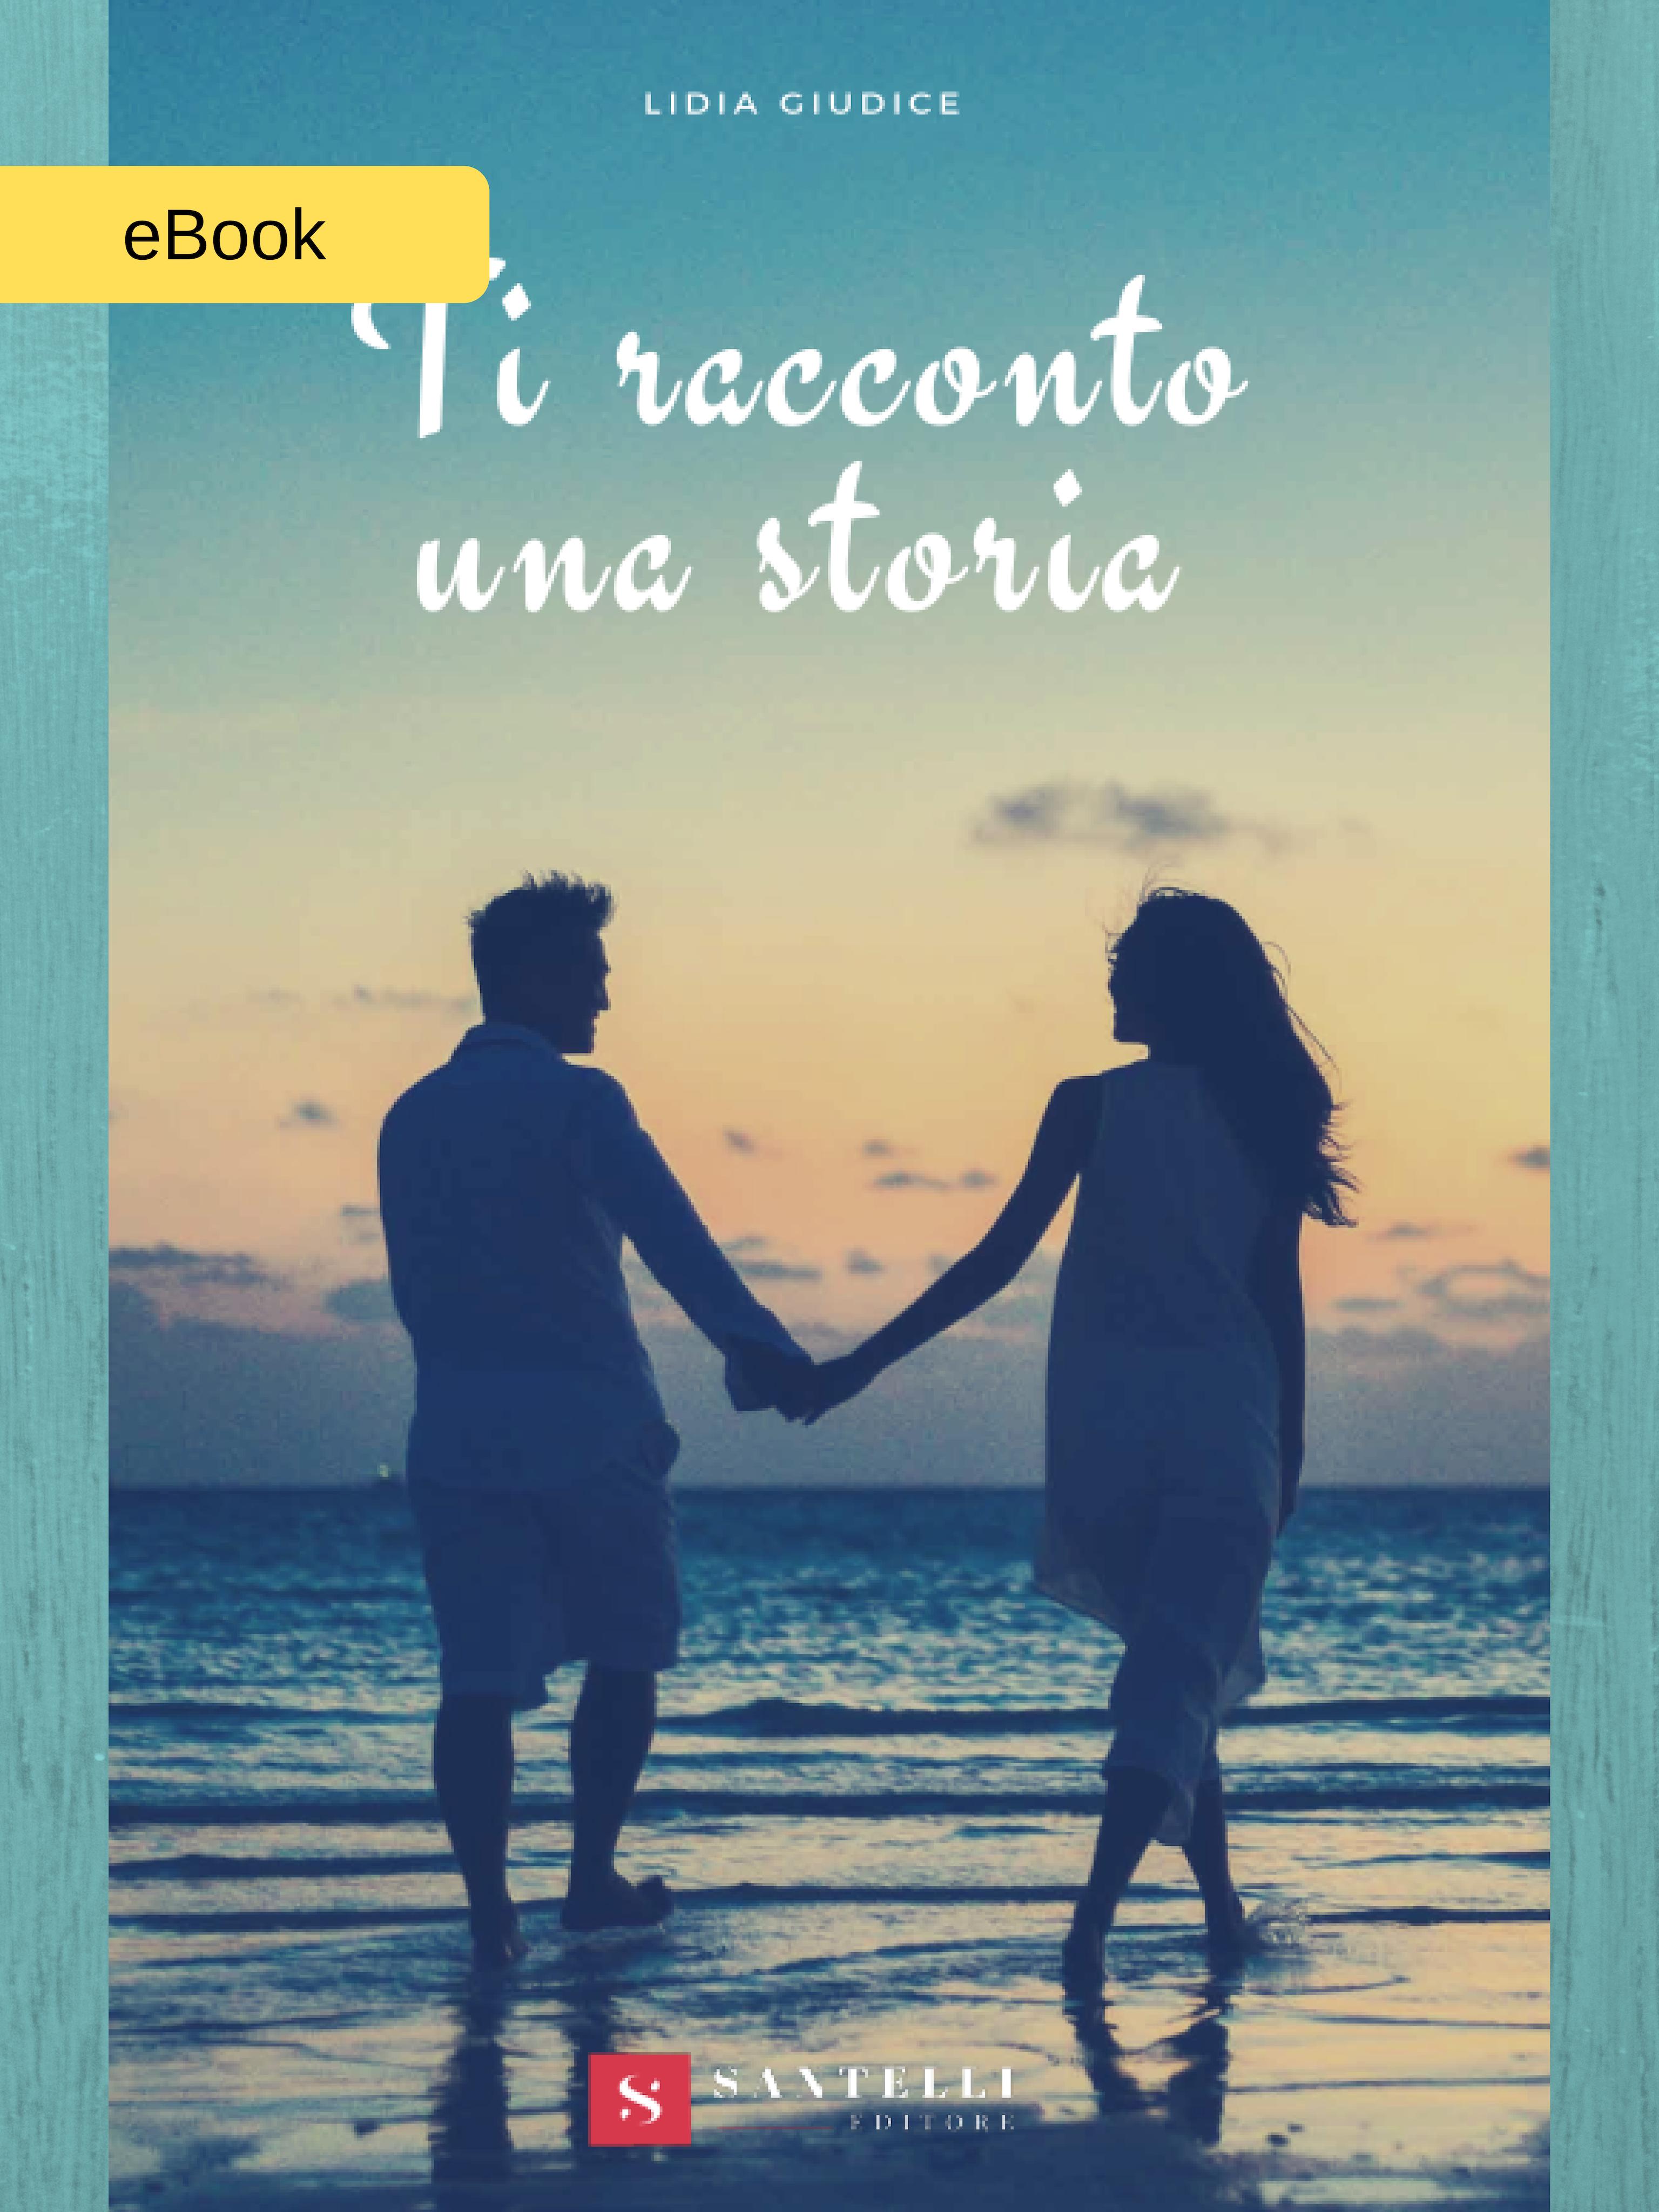 Ti racconto una storia (eBook), Lidia Giudice - coverfront